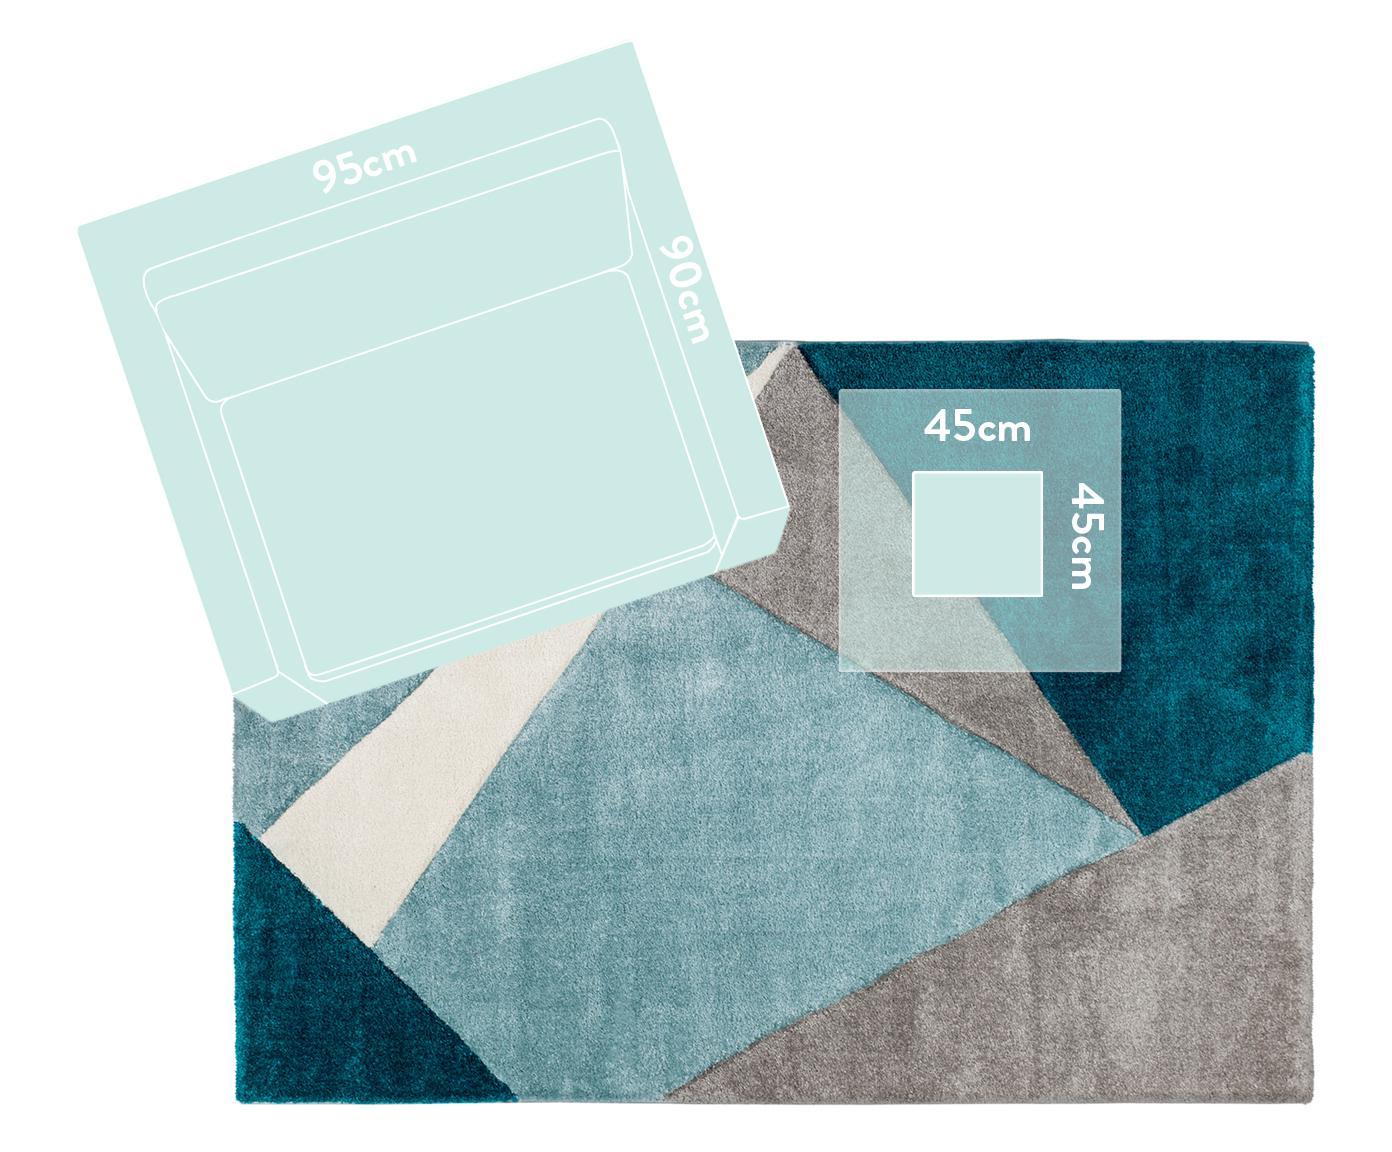 Tappeto con motivo geometrico My Broadway, Retro: juta, Tonalità blu, beige, crema, Larg. 200 x Lung. 290 cm (taglia L)